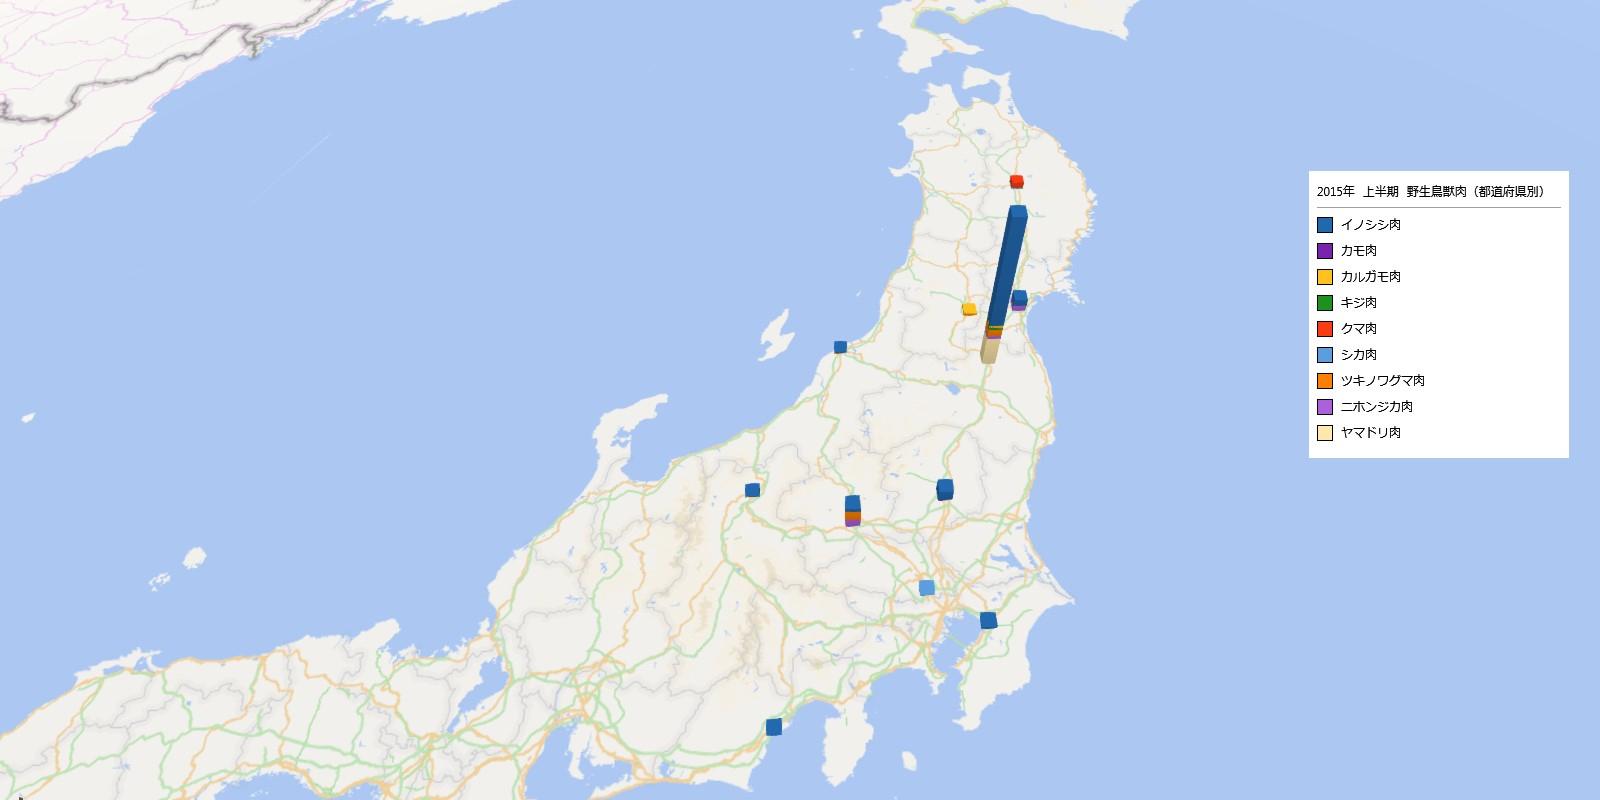 野生鳥獣肉類の放射能検査地図(都道府県別)